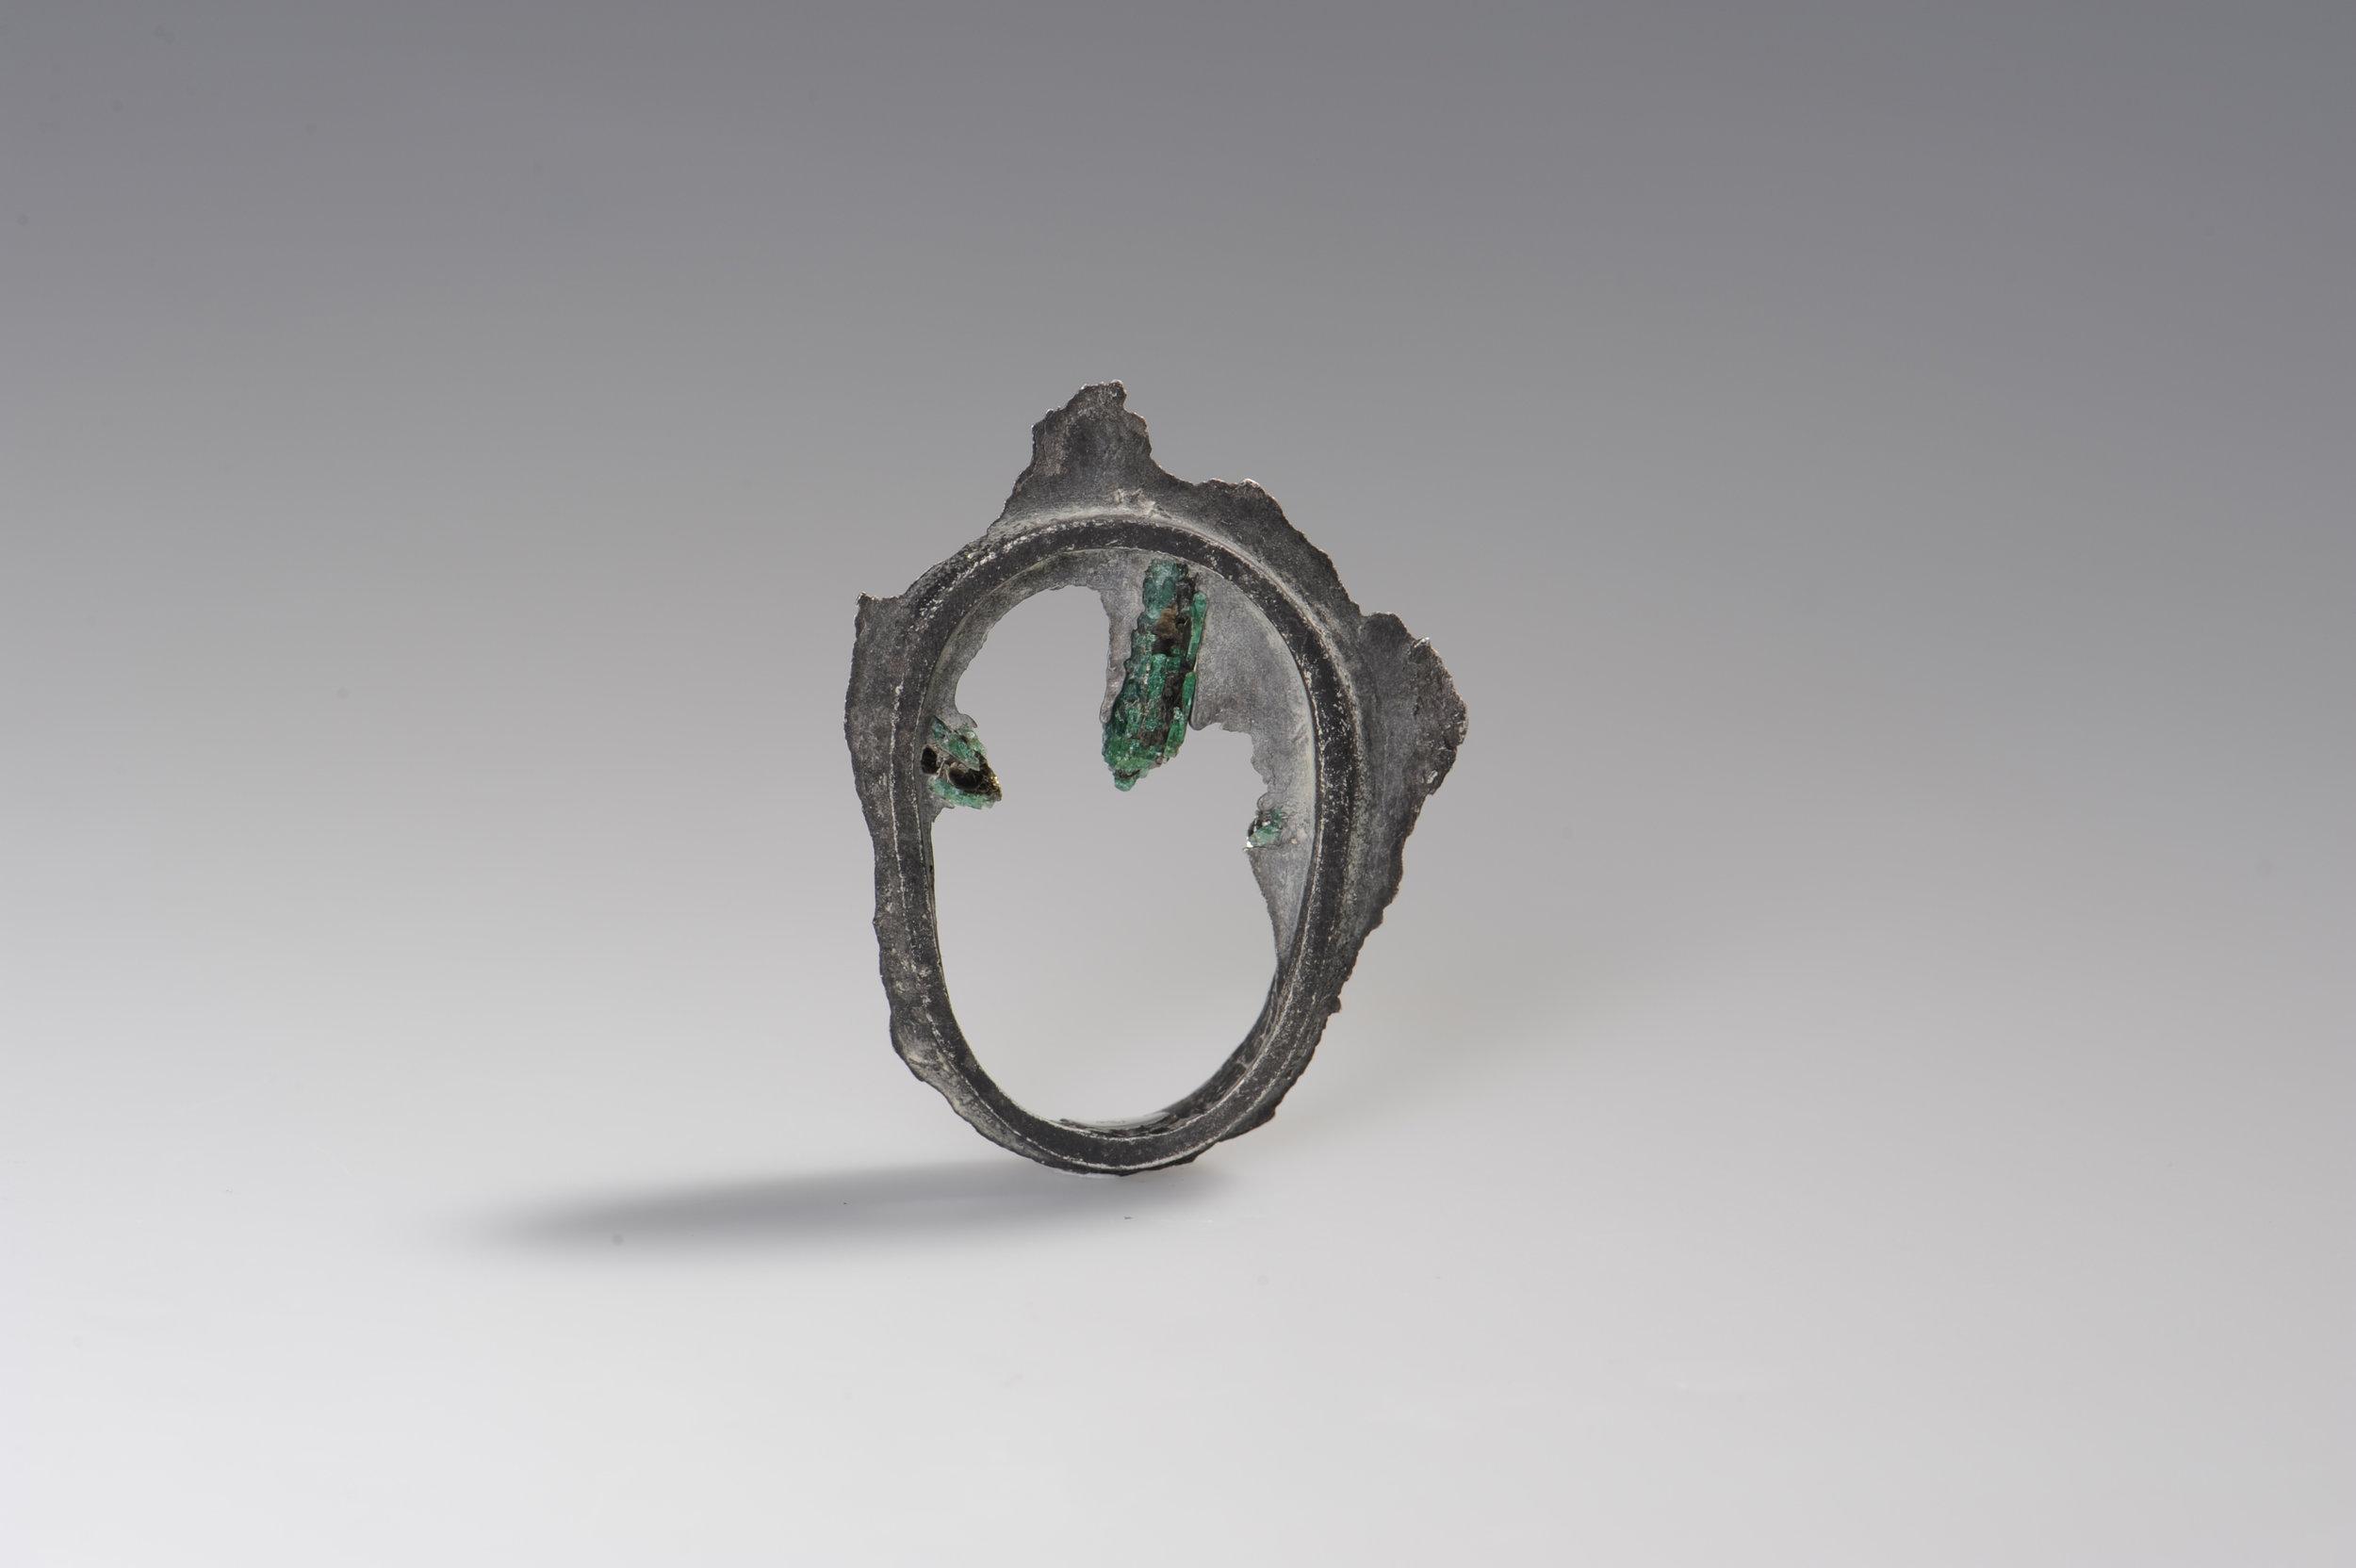 Kopie von  silver ring with emerald by Nora Werner Design